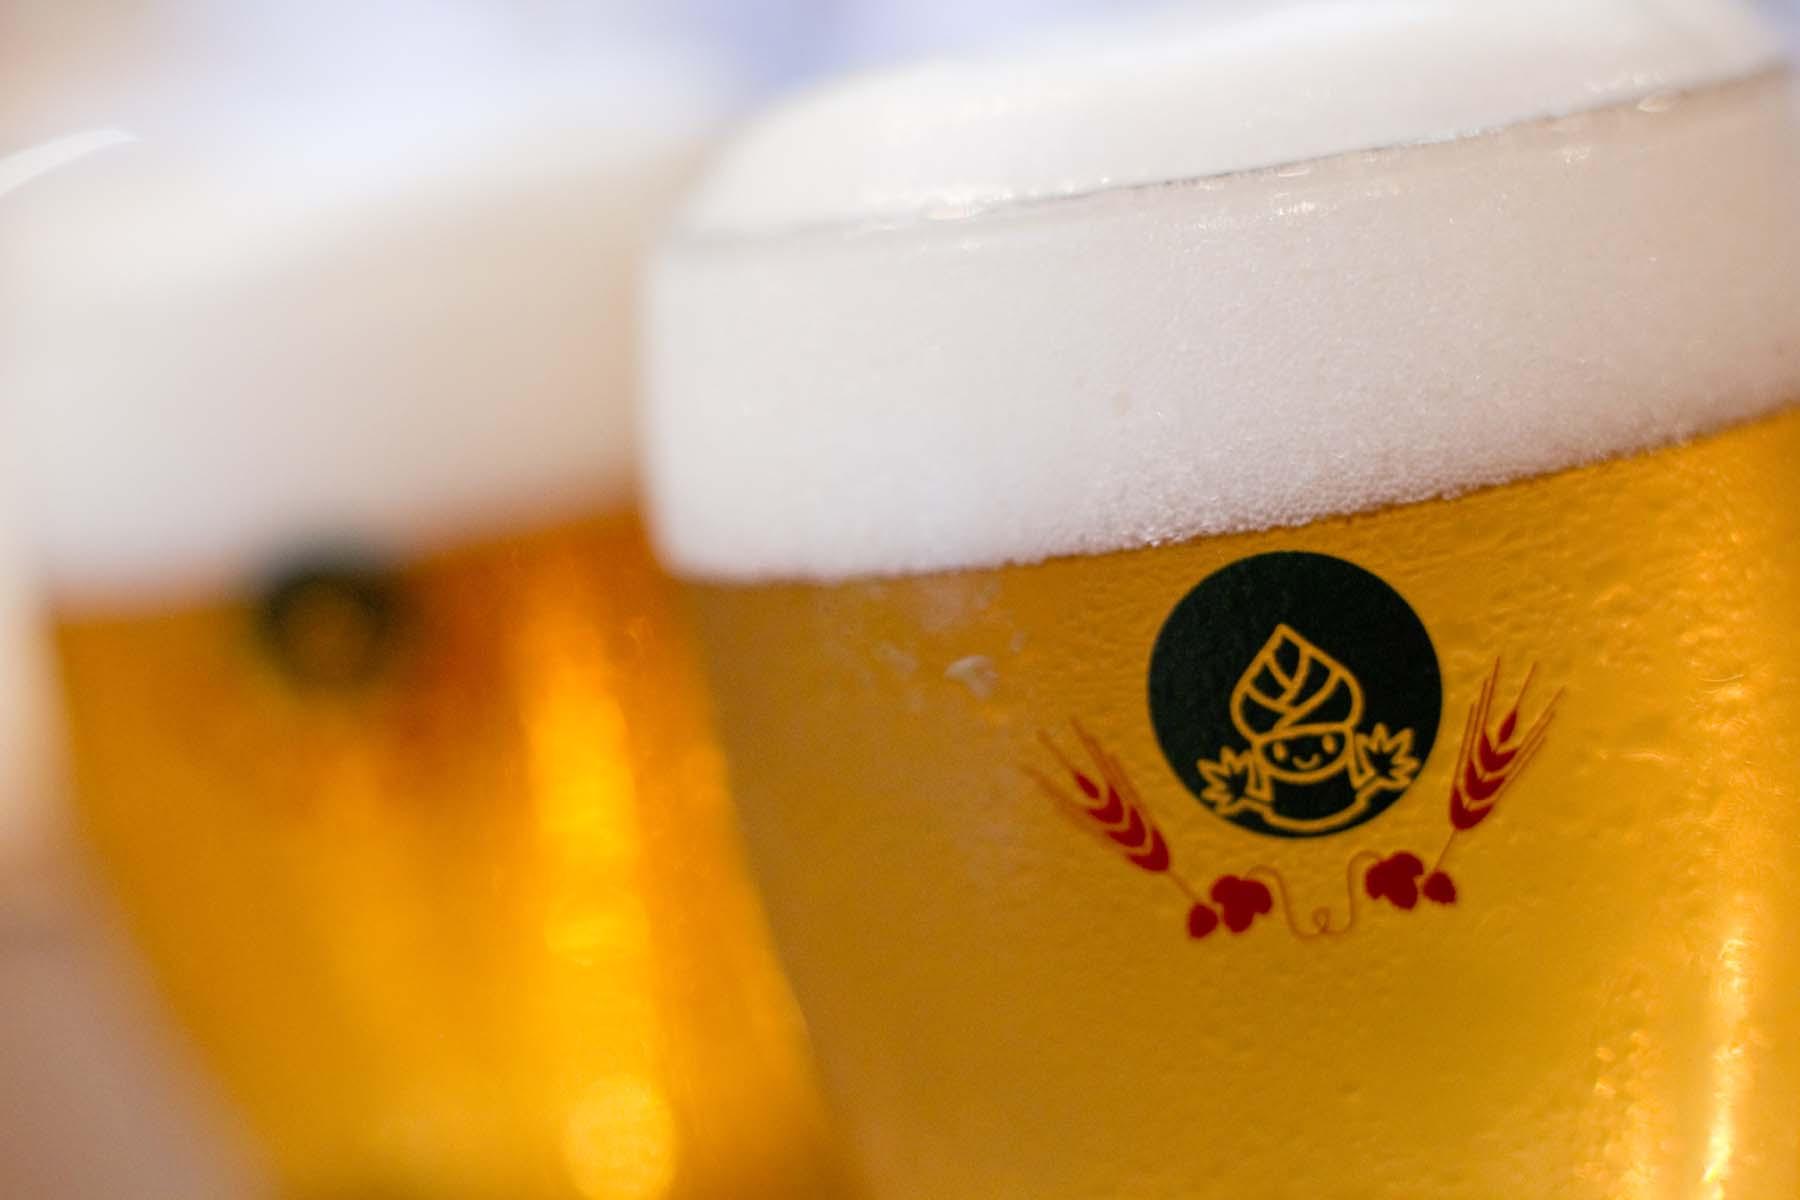 川場ビール(ヴァイツェン) プレミアムヨーグルト のむヨーグルトの商品詳細イメージ-96